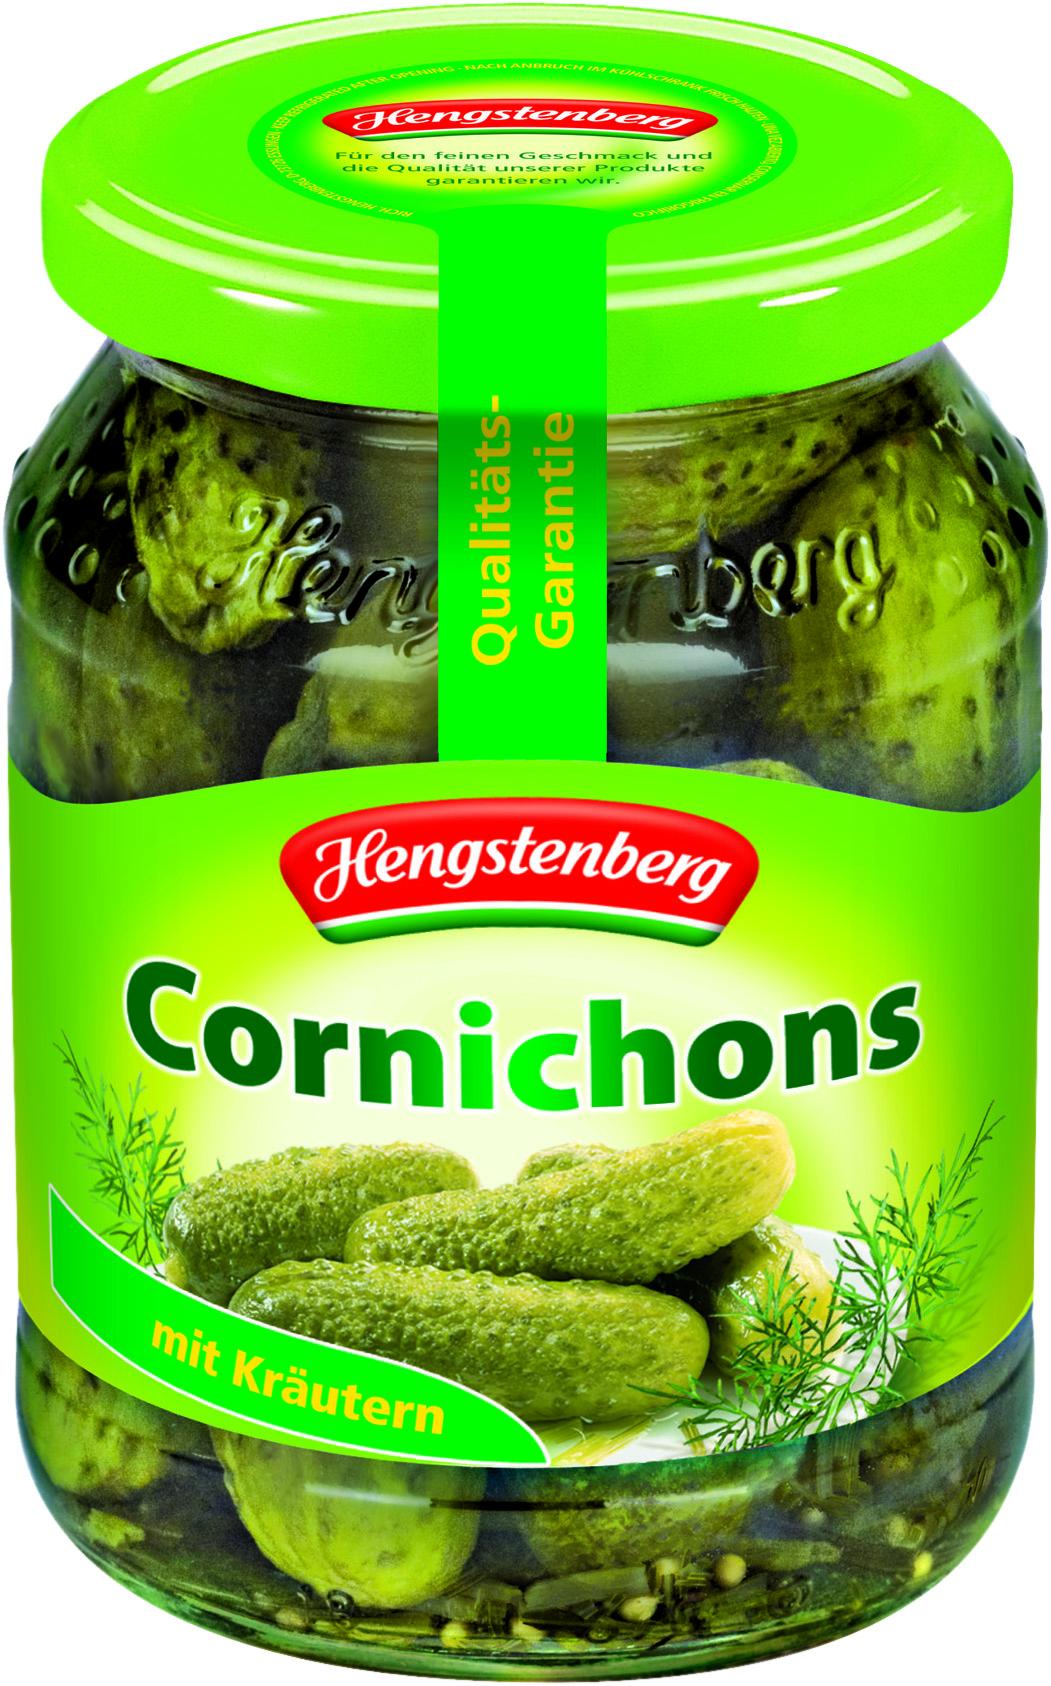 Hengstenberg Корнишоны пикантные, 370 мл0120710Корнишоны Hengstenberg маринованные с добавлением эстрагона, горчичных зерен и других пряностей отличаются слегка острым вкусом с нотками специй.